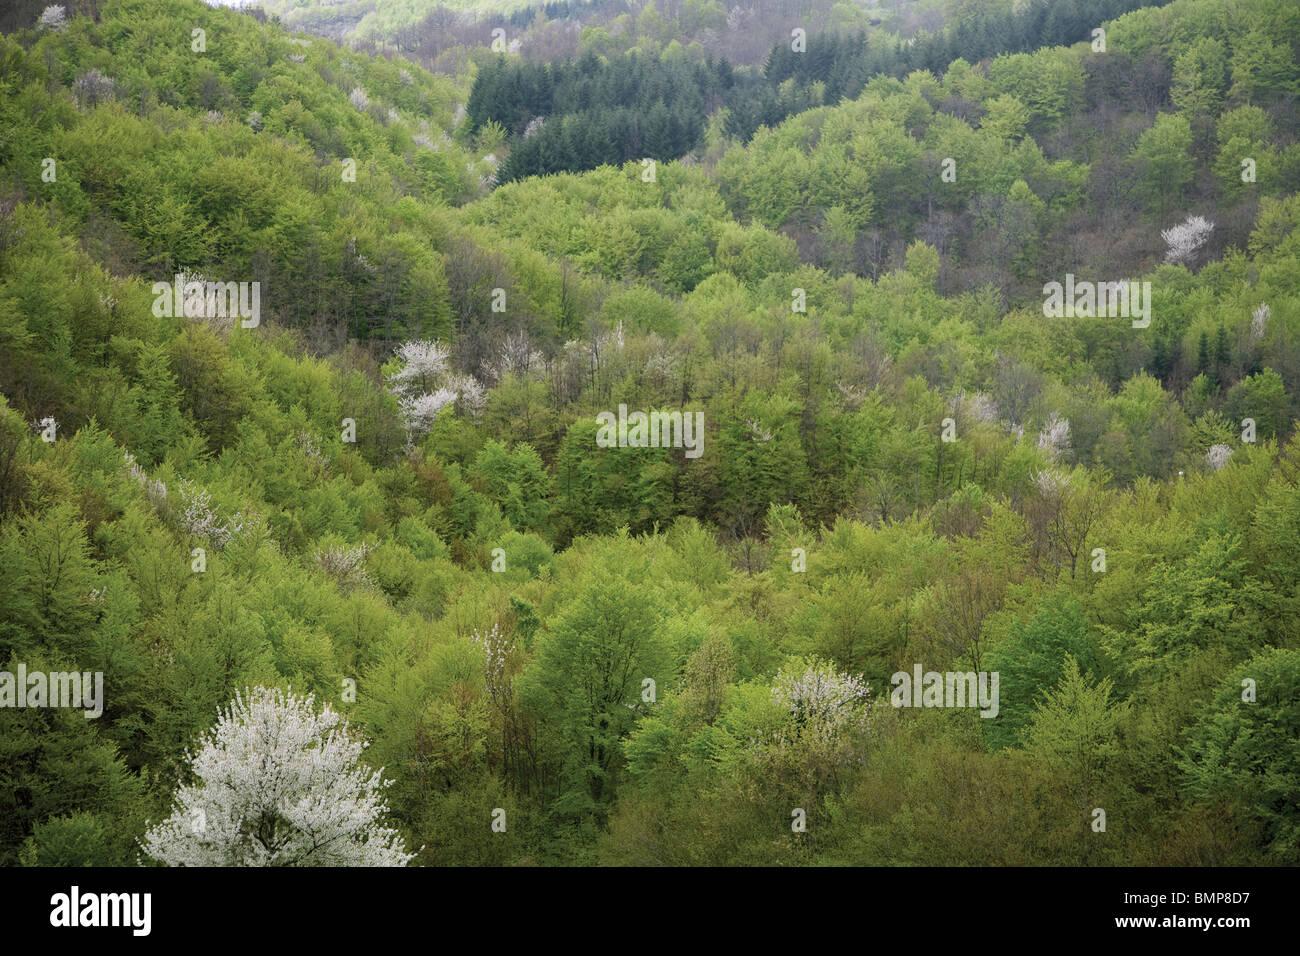 La haute montagne, forêt de feuillus et de conifères, l'Apennin Central, dans le Parc National de Photo Stock